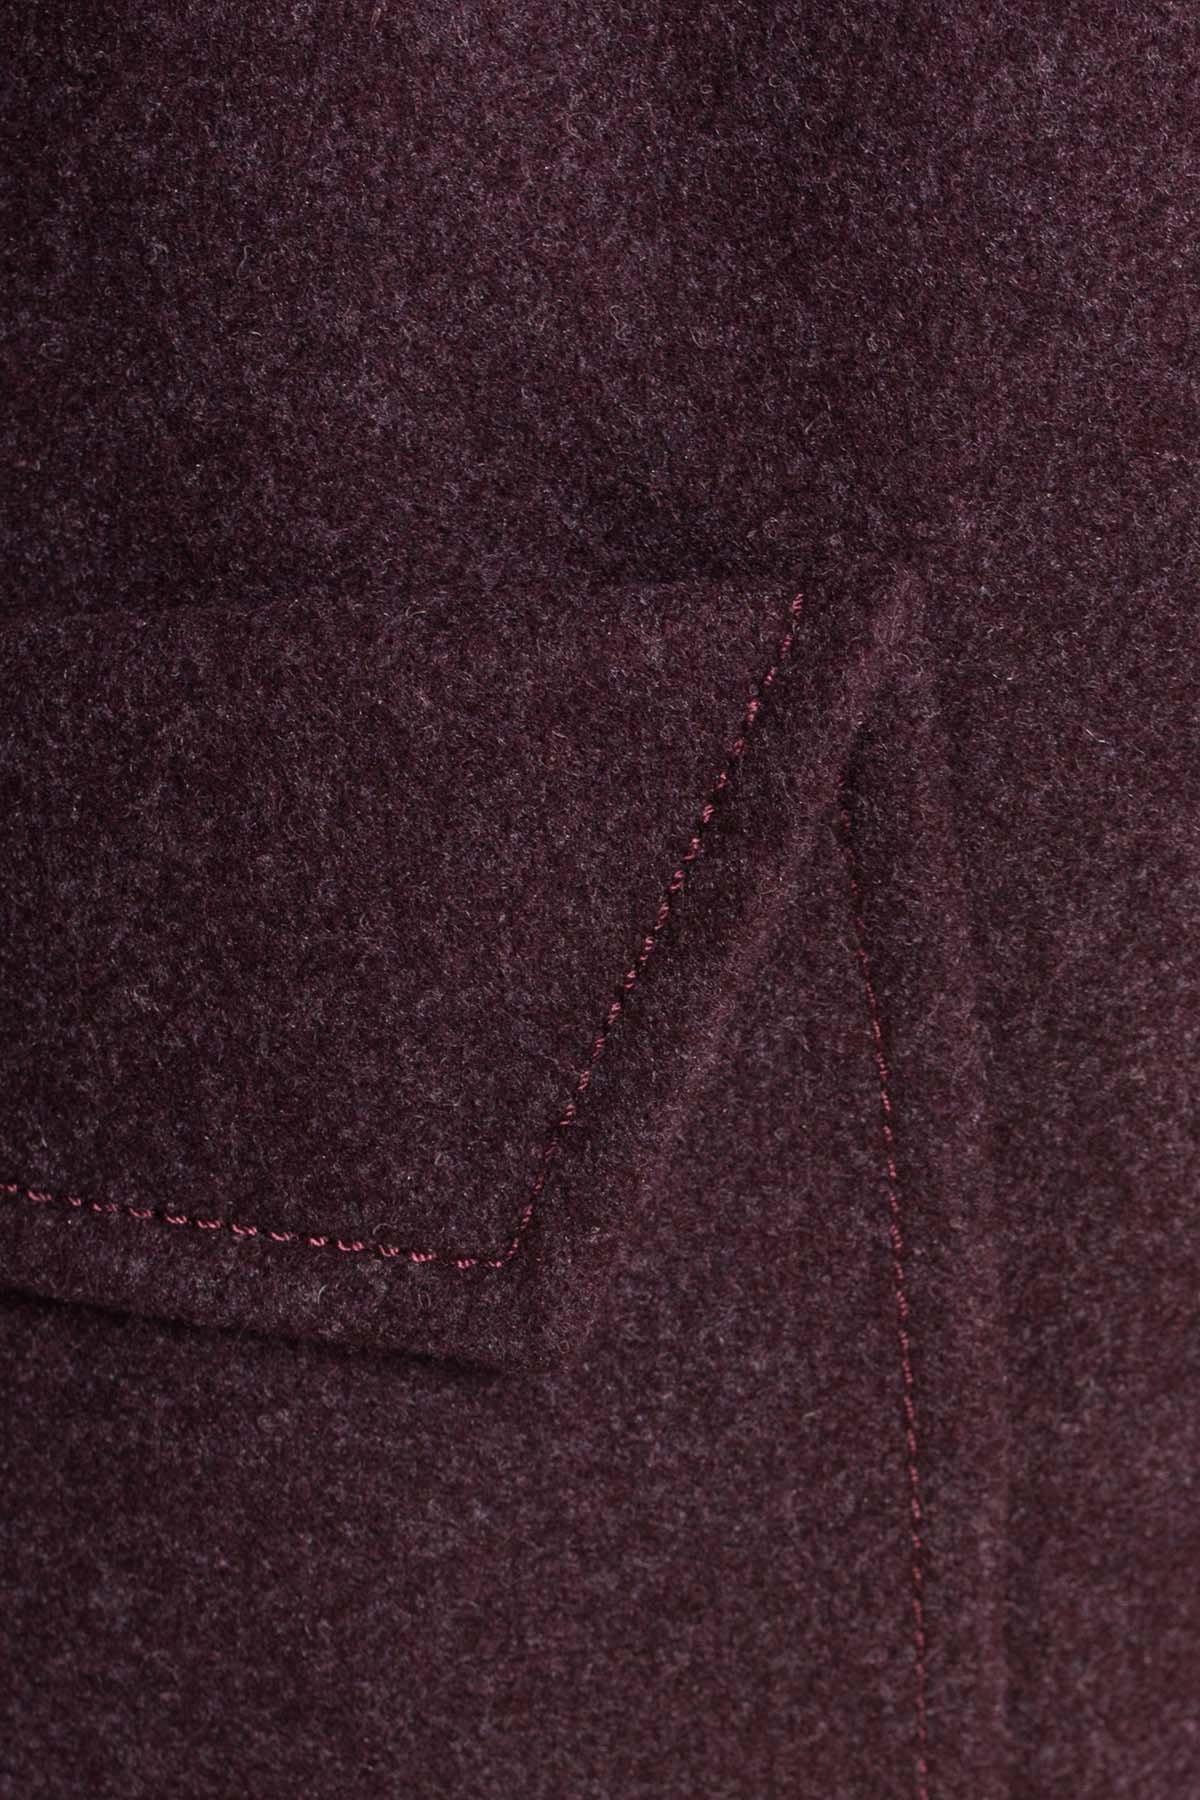 Демисезонное пальто с воротником стойка Эста 5417 АРТ. 36792 Цвет: Марсала - фото 5, интернет магазин tm-modus.ru